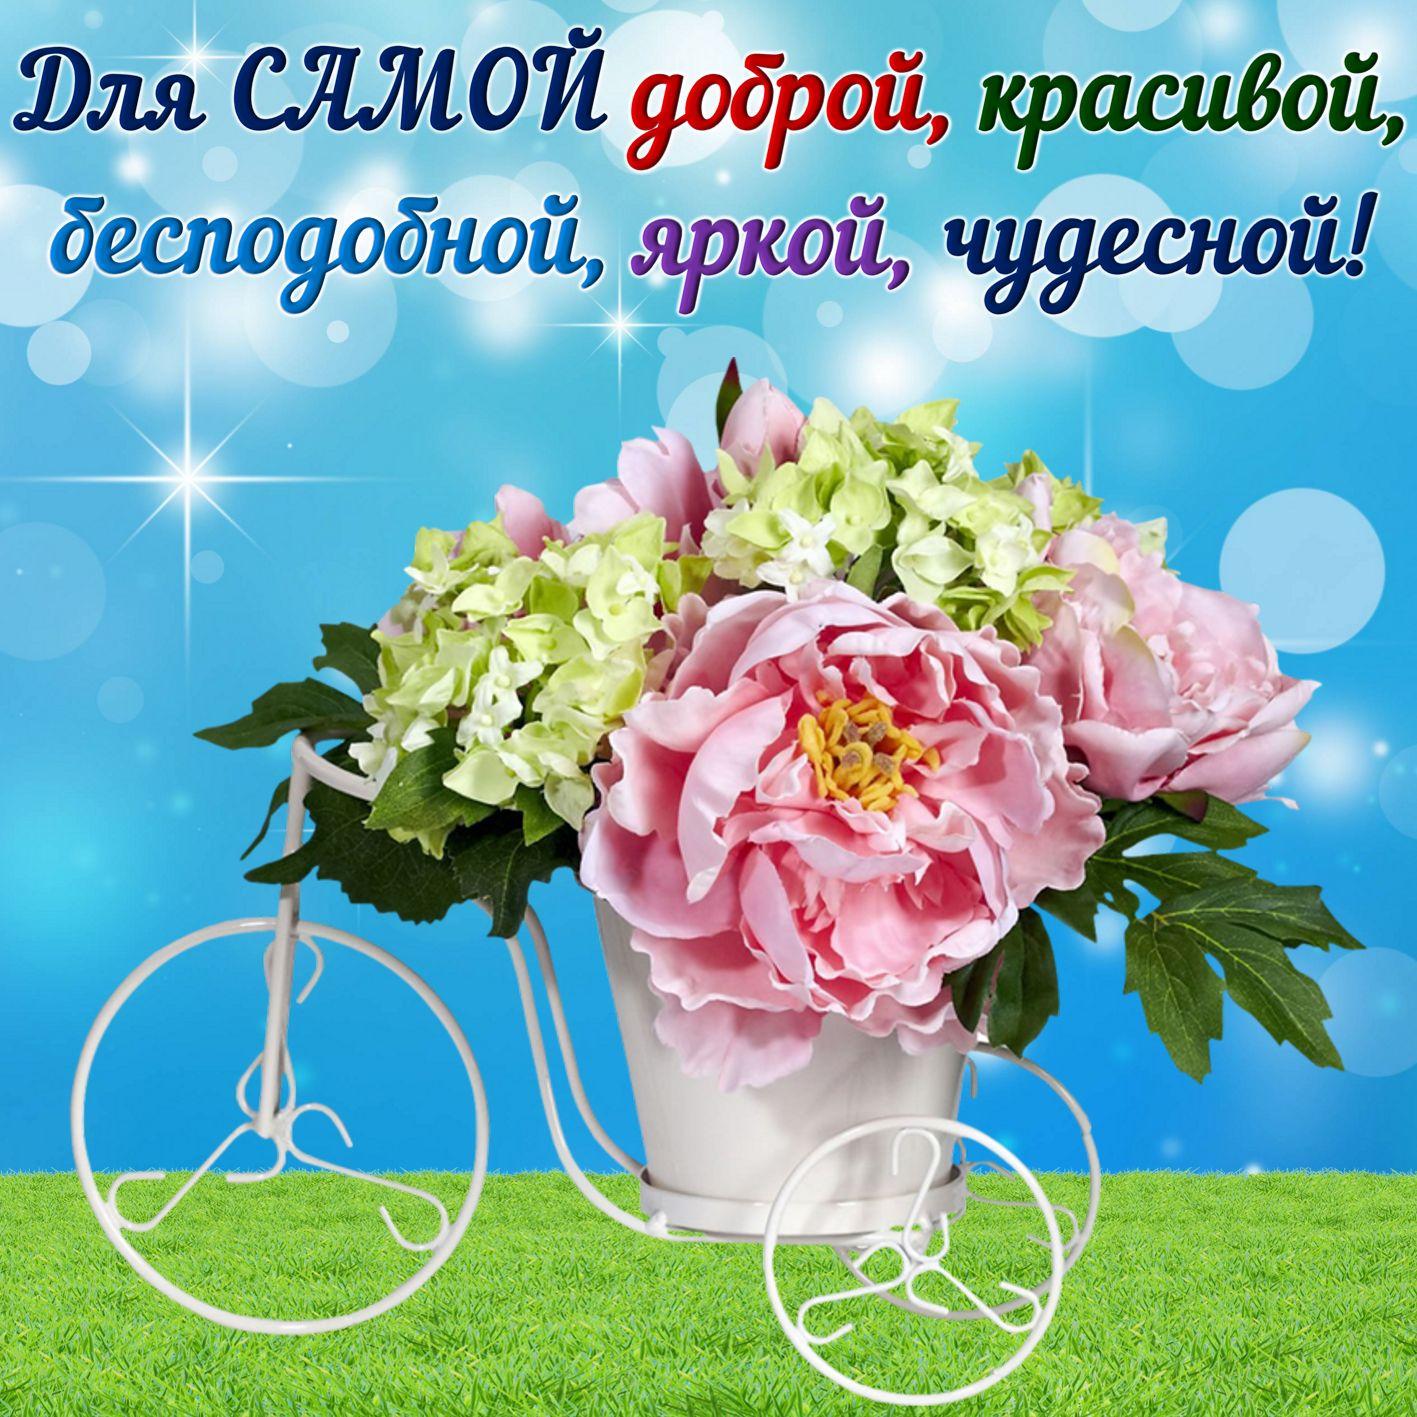 Пожелание на открытке с цветами, днем рождения вашего